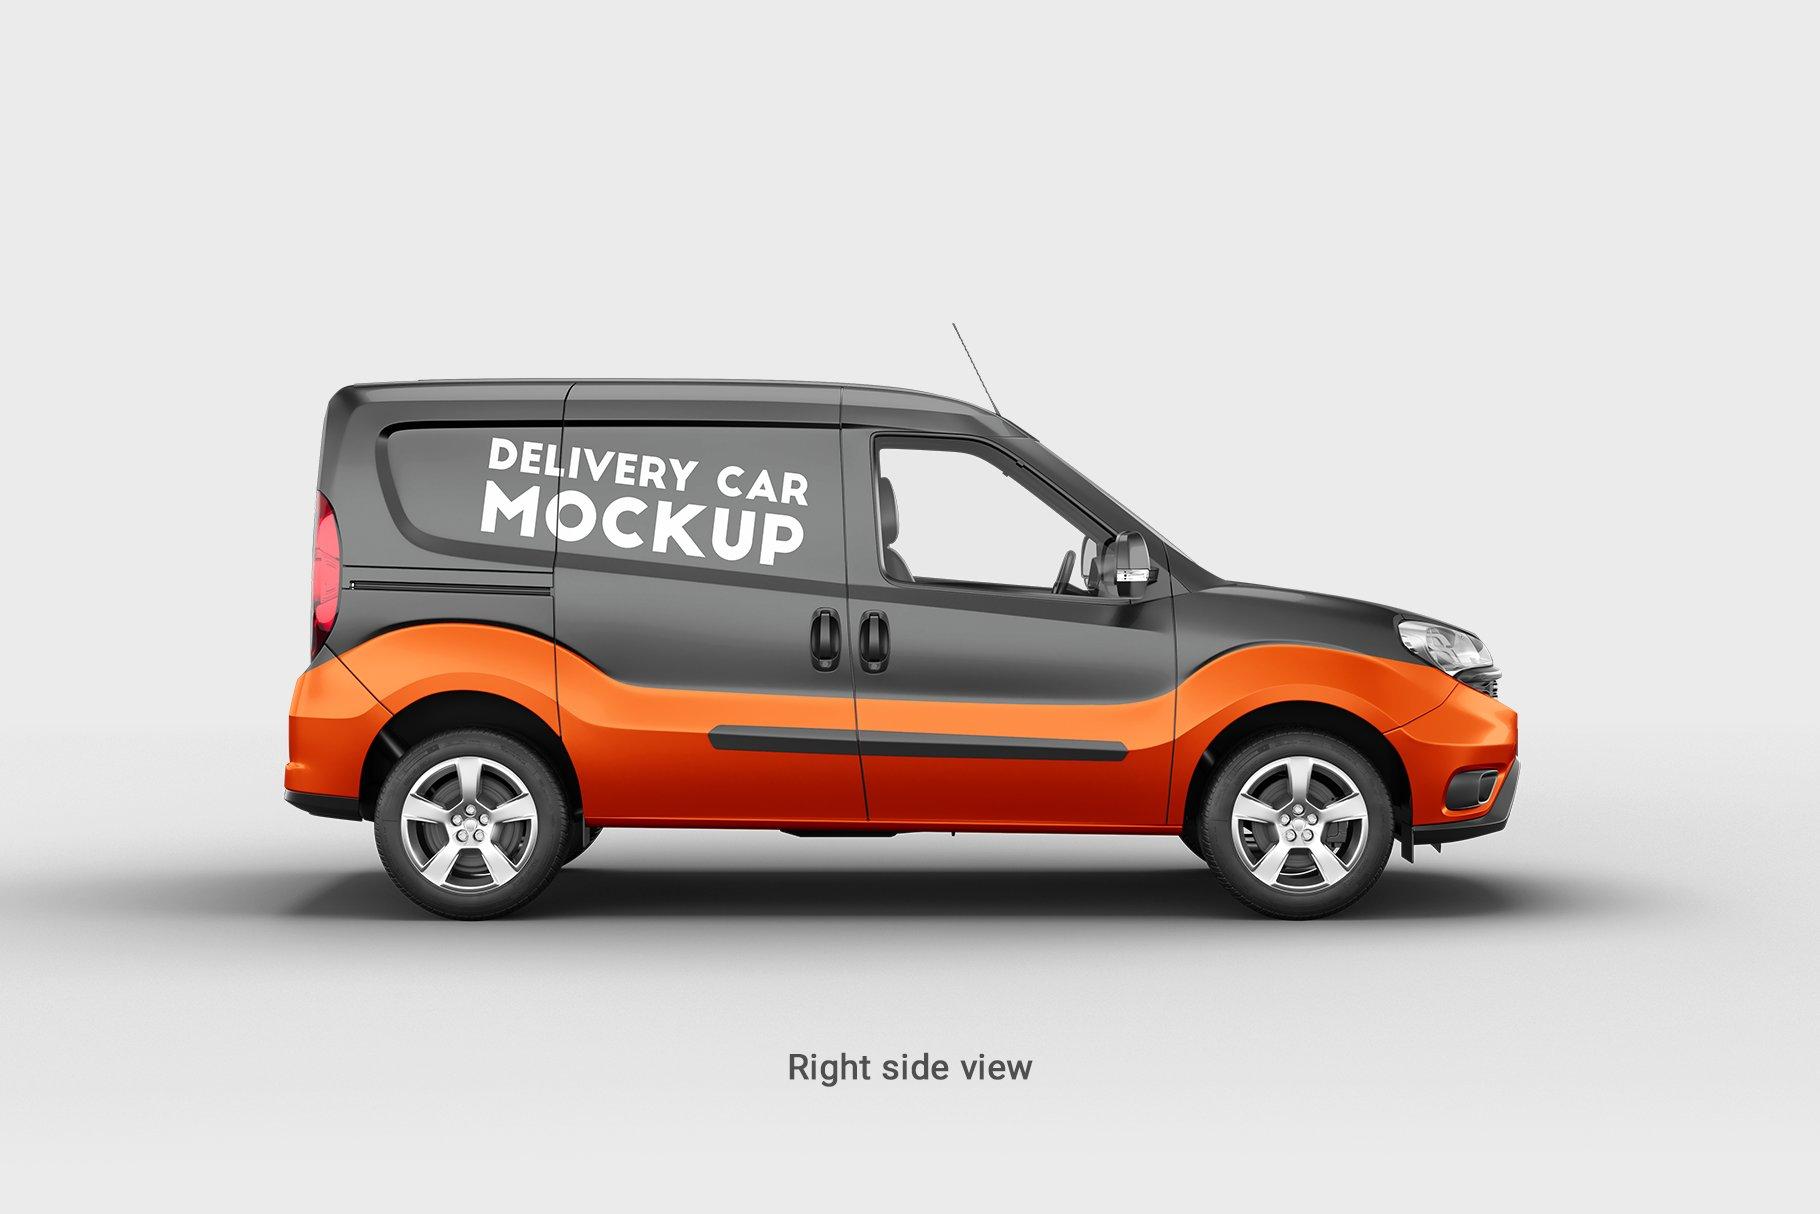 6款面包车小货车车身广告设计展示样机 Delivery Car Mockup 3插图(3)